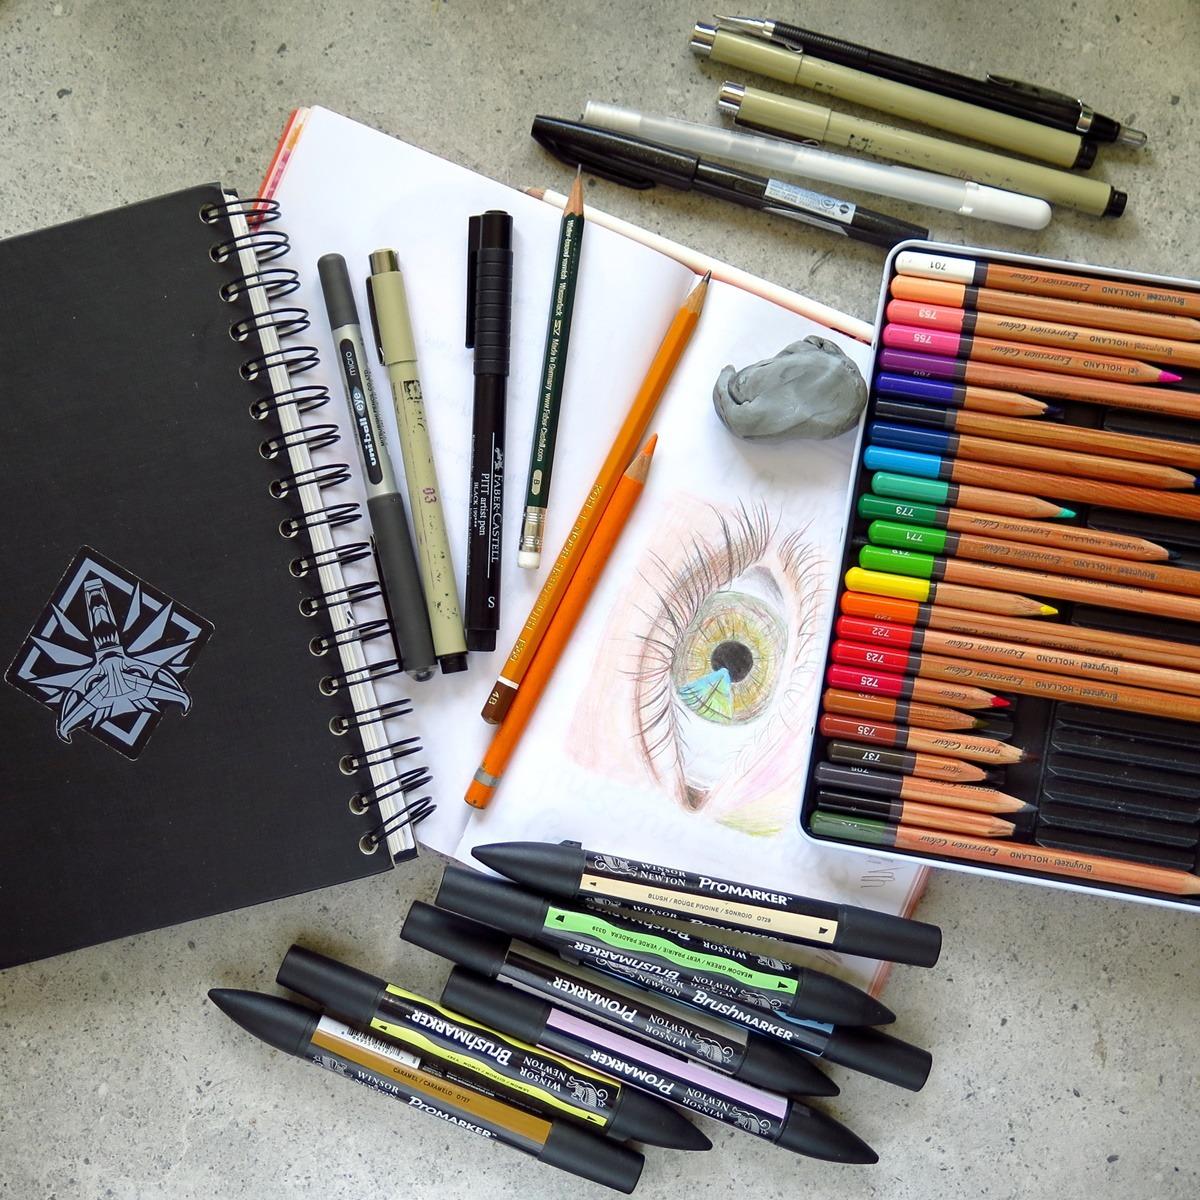 przybory do rysowania poradnik dla początkujących co kupić kredki, markery, szkicownik, ołówki